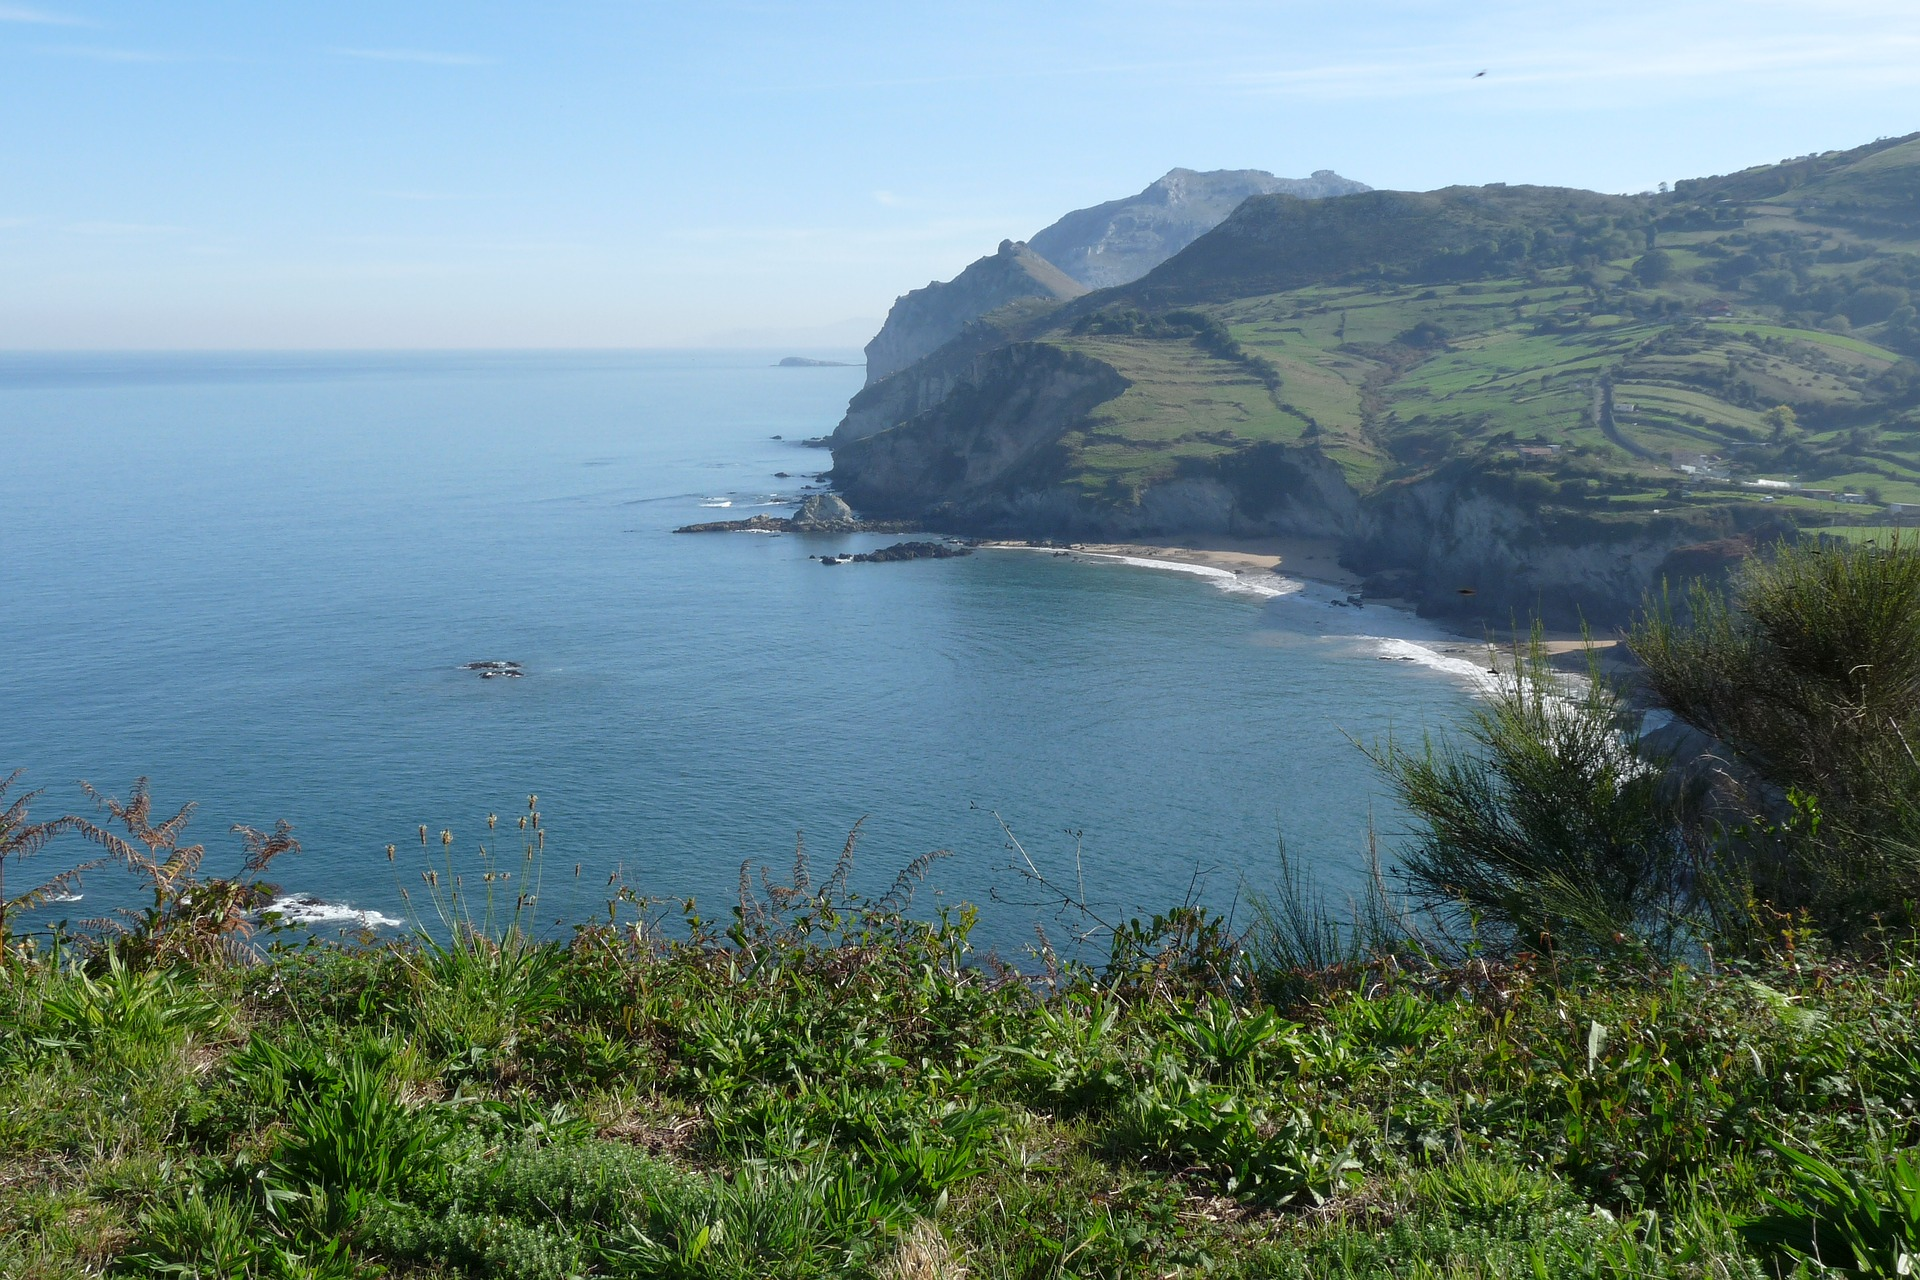 Loredo, Cantabria